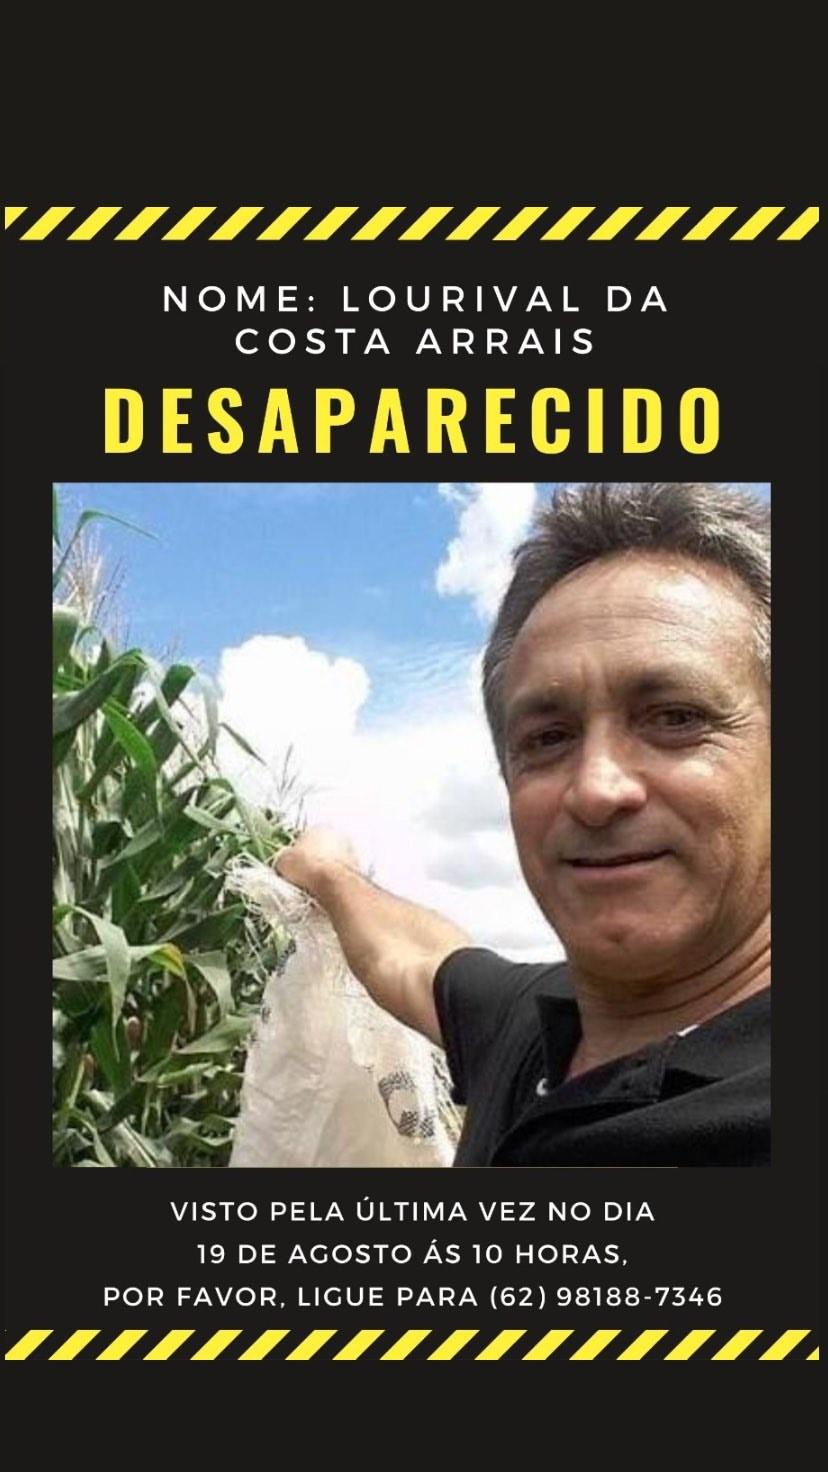 Lourival da Costa Arrais está desaparecido desde a manhã de 5ª feira (20)   Foto: Divulgação